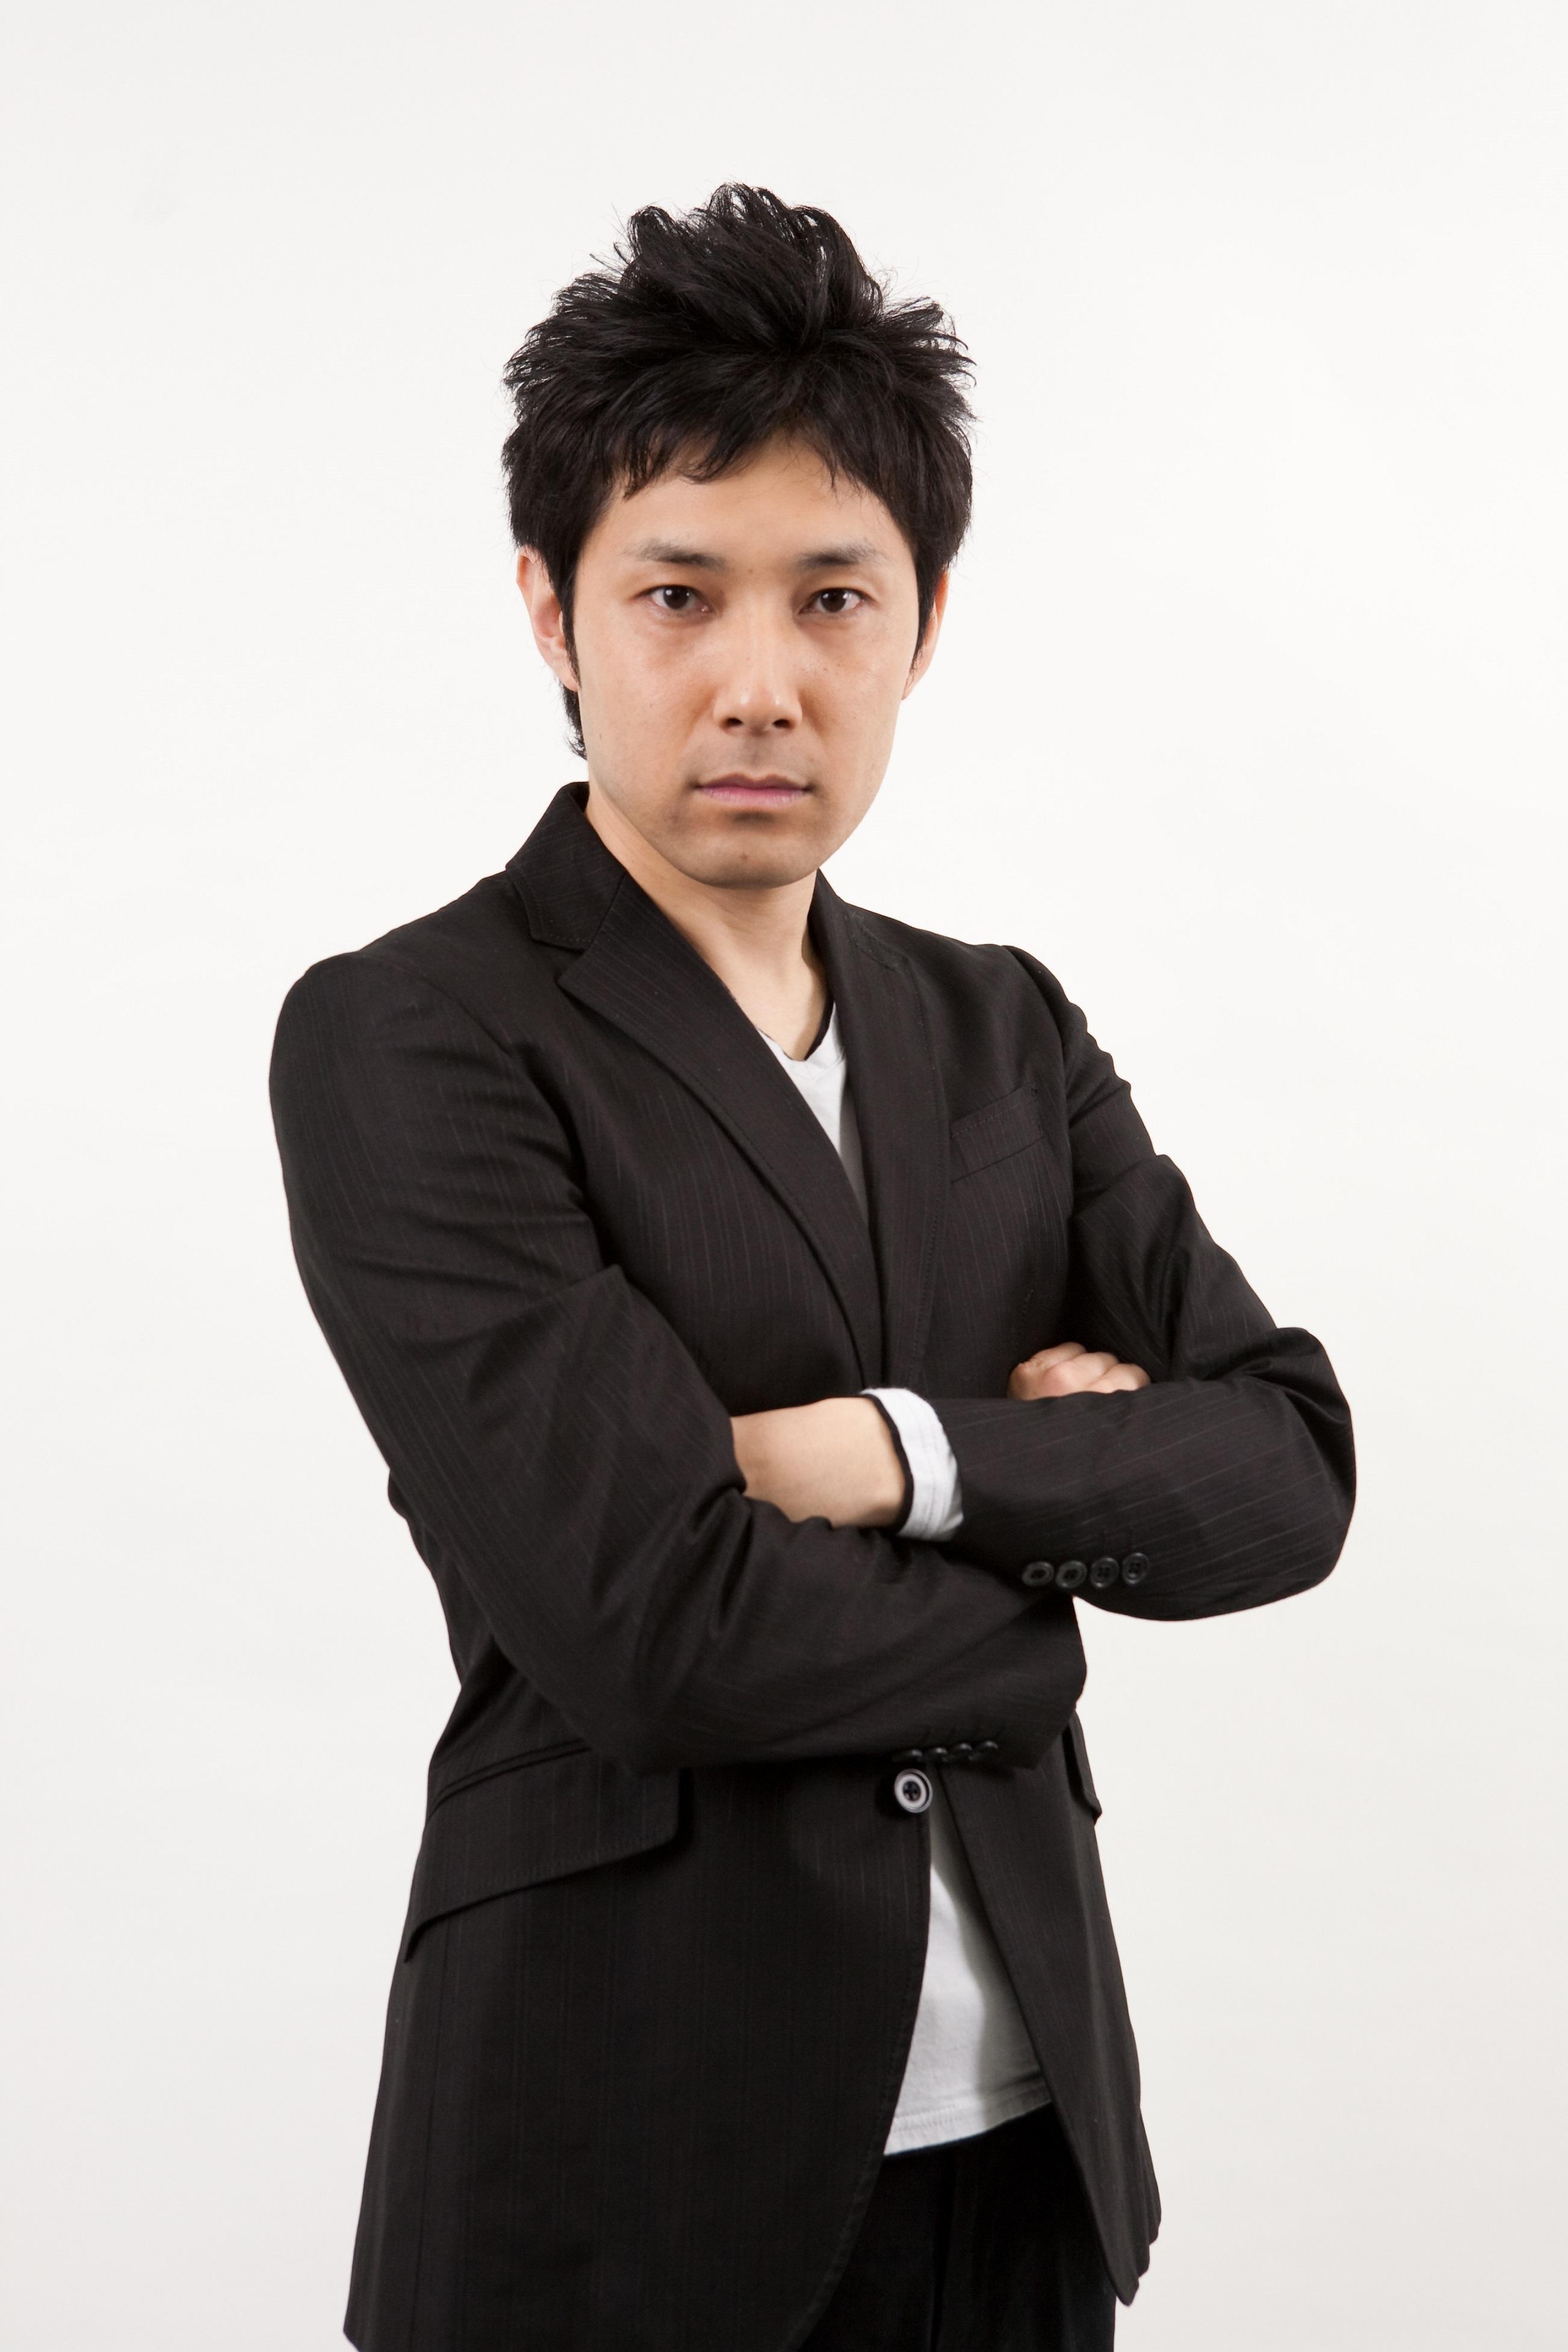 ジュラル星人役:浜ロン (C)2019 鈴川鉄久/ICHI/チャージマン研!CLIE